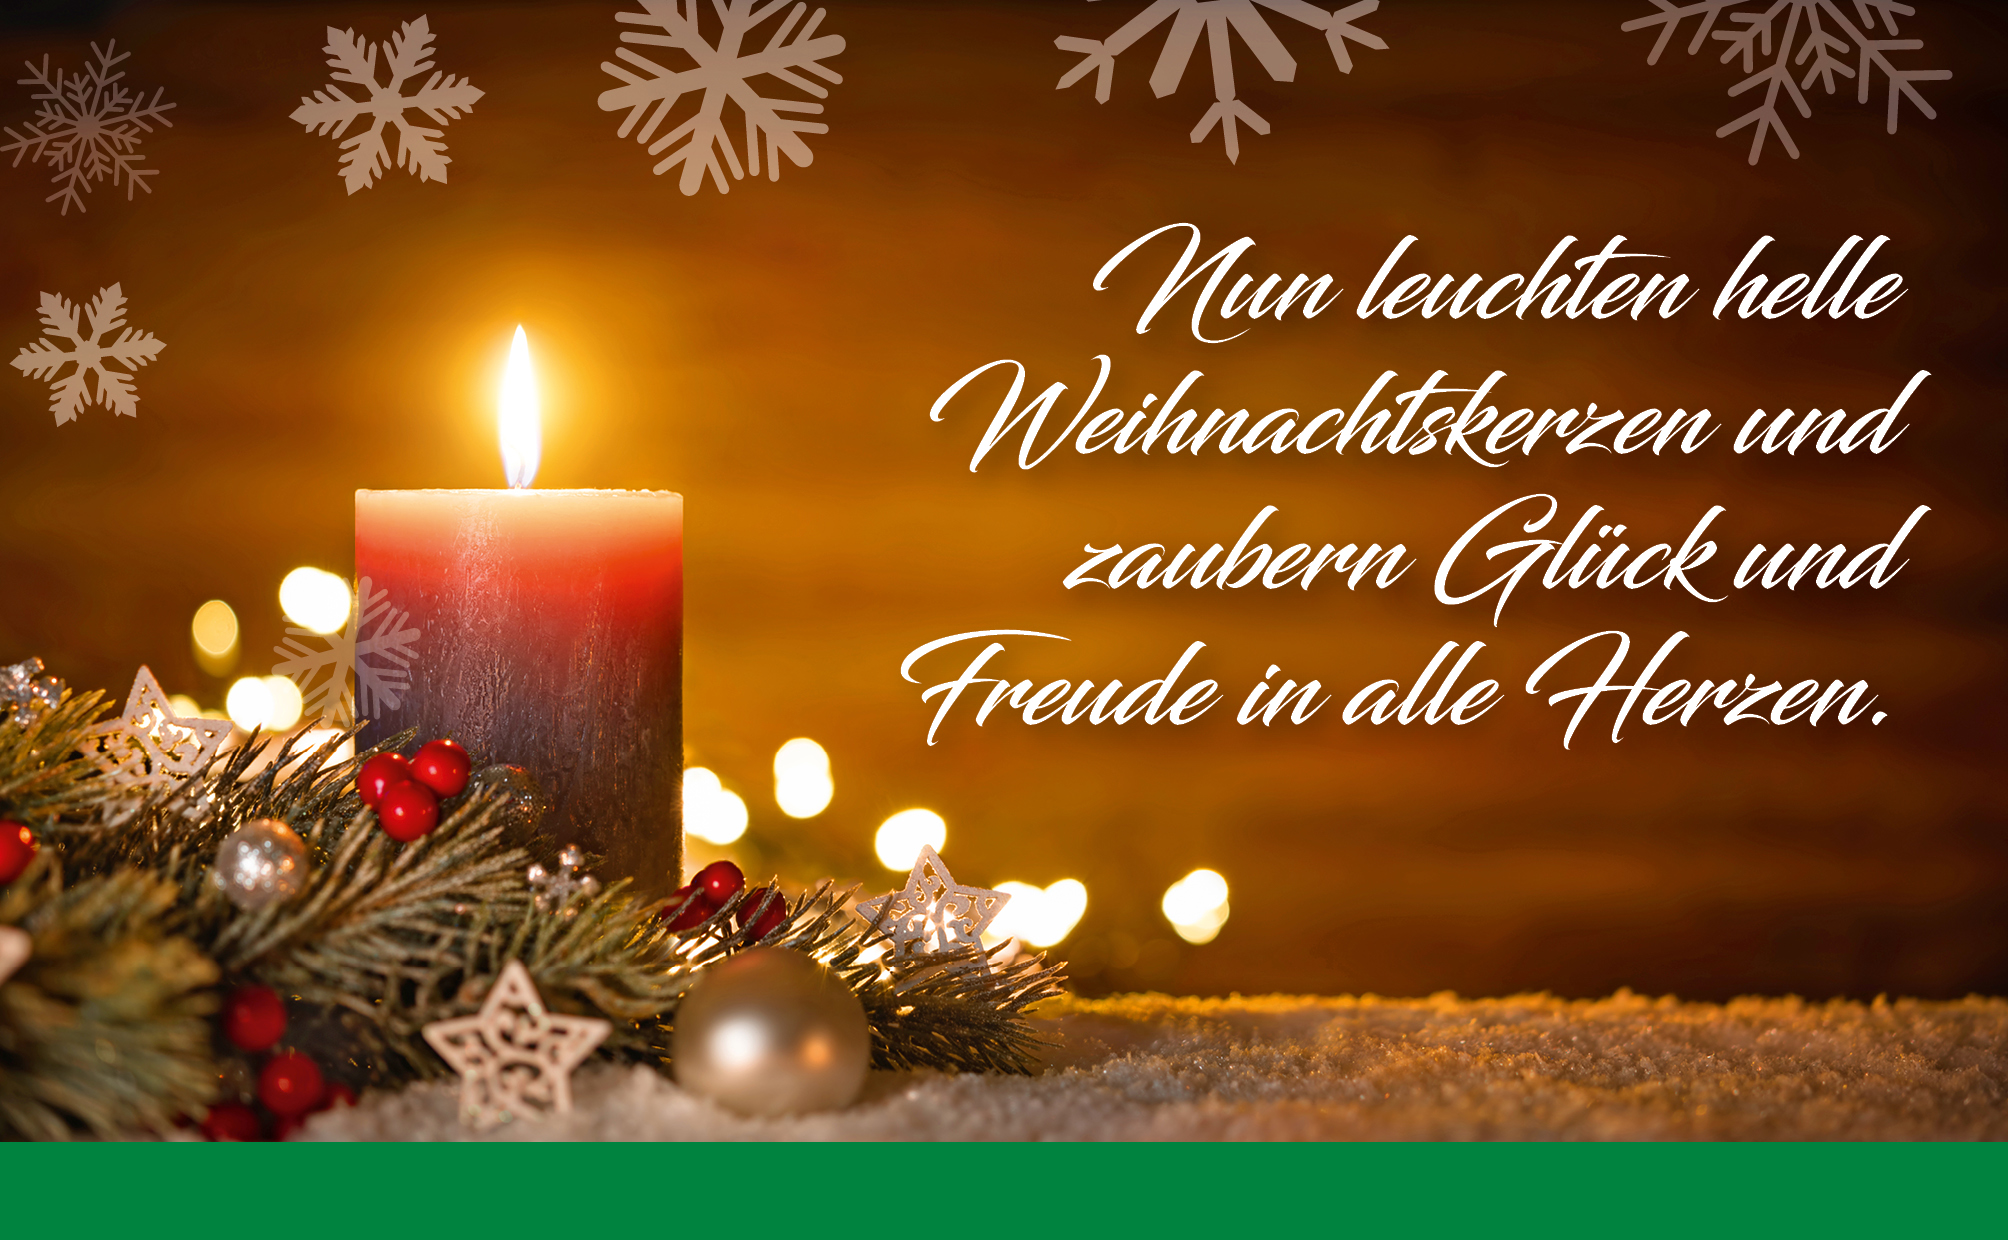 frohe weihnachten und ein gutes neues jahr osterwalder hof